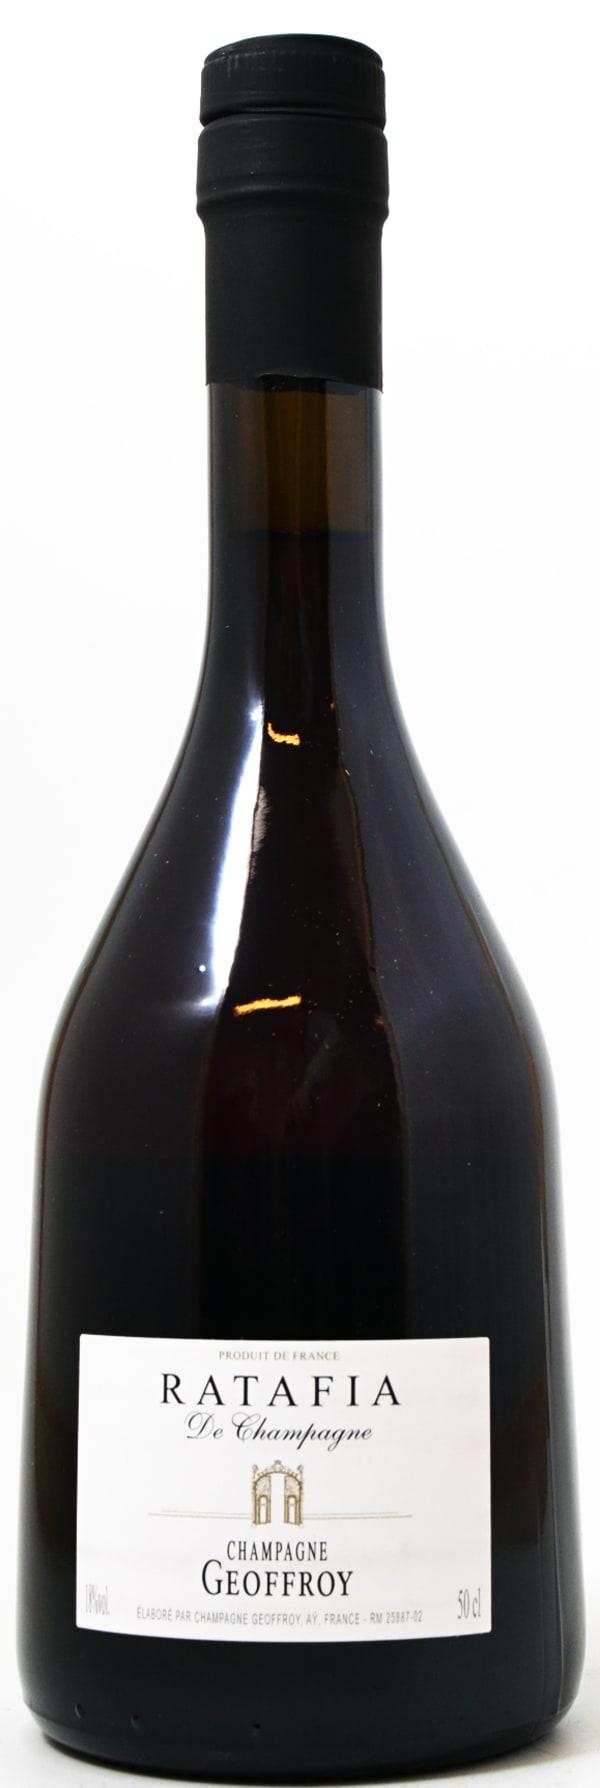 Ratafia de Champagne 2014